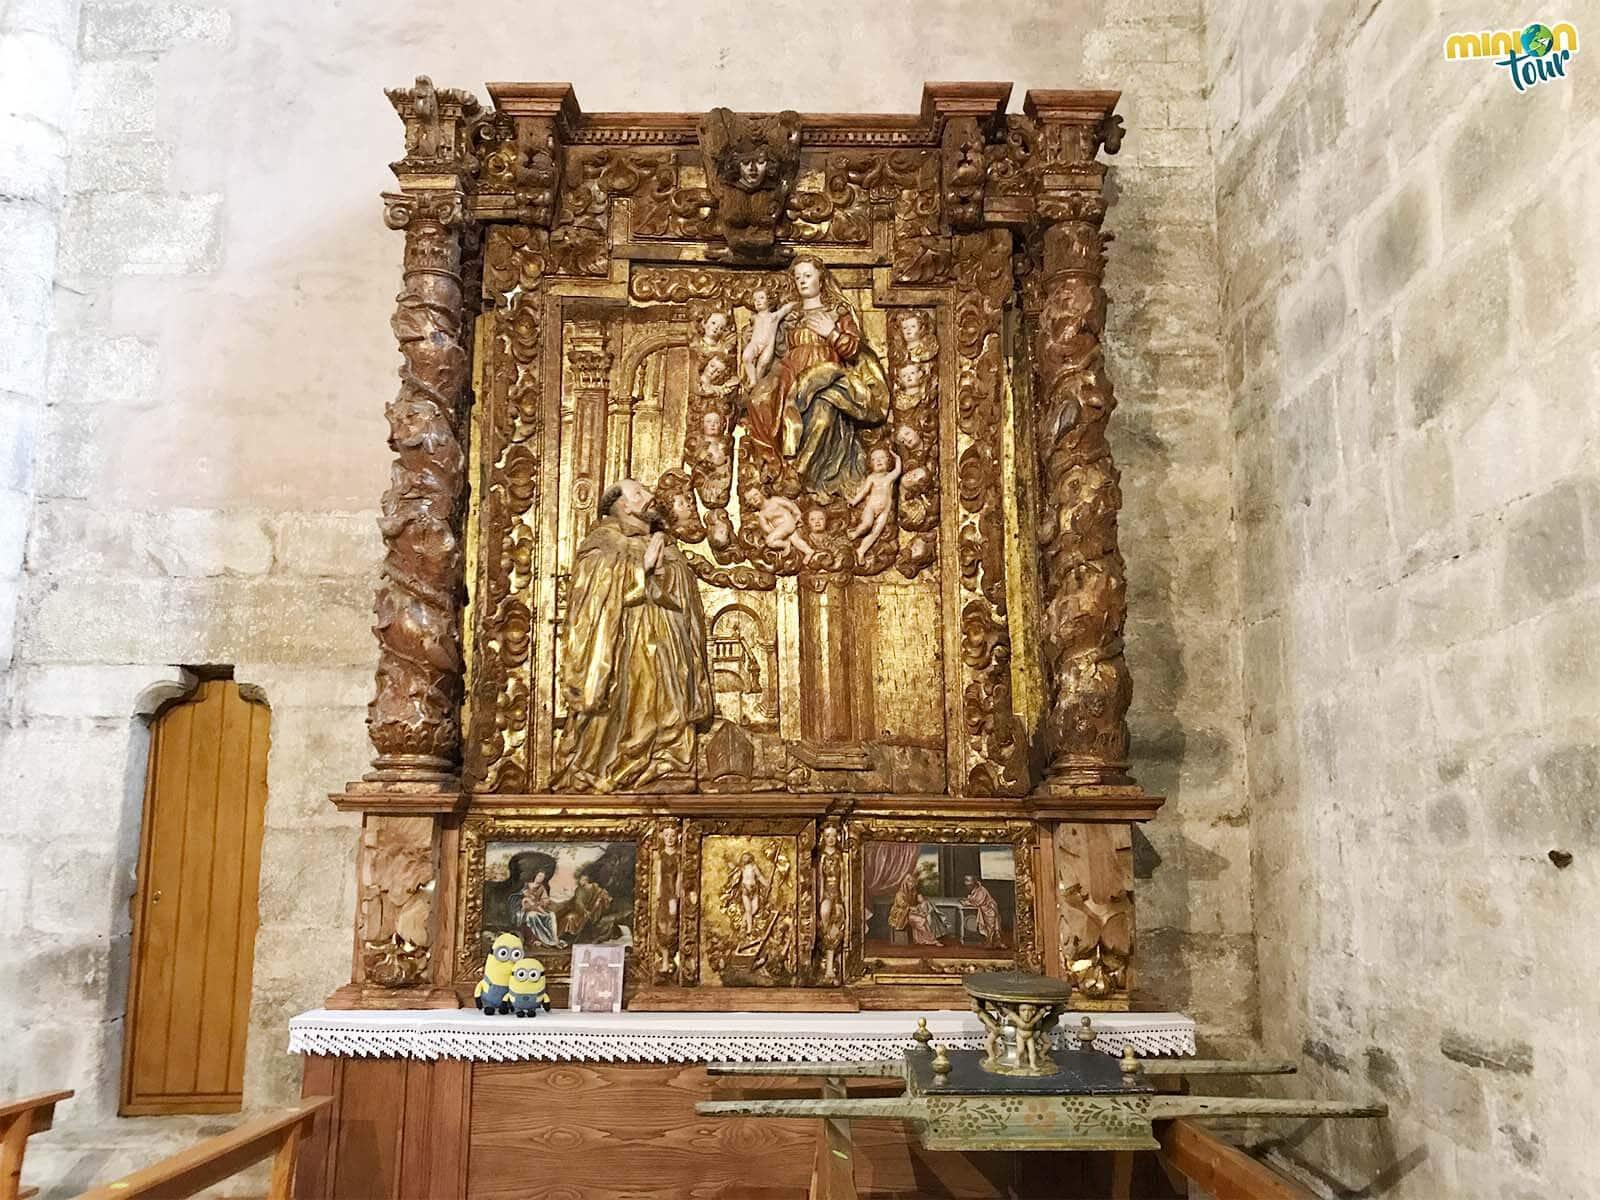 El retablo ya tiene las columnas bien puestas